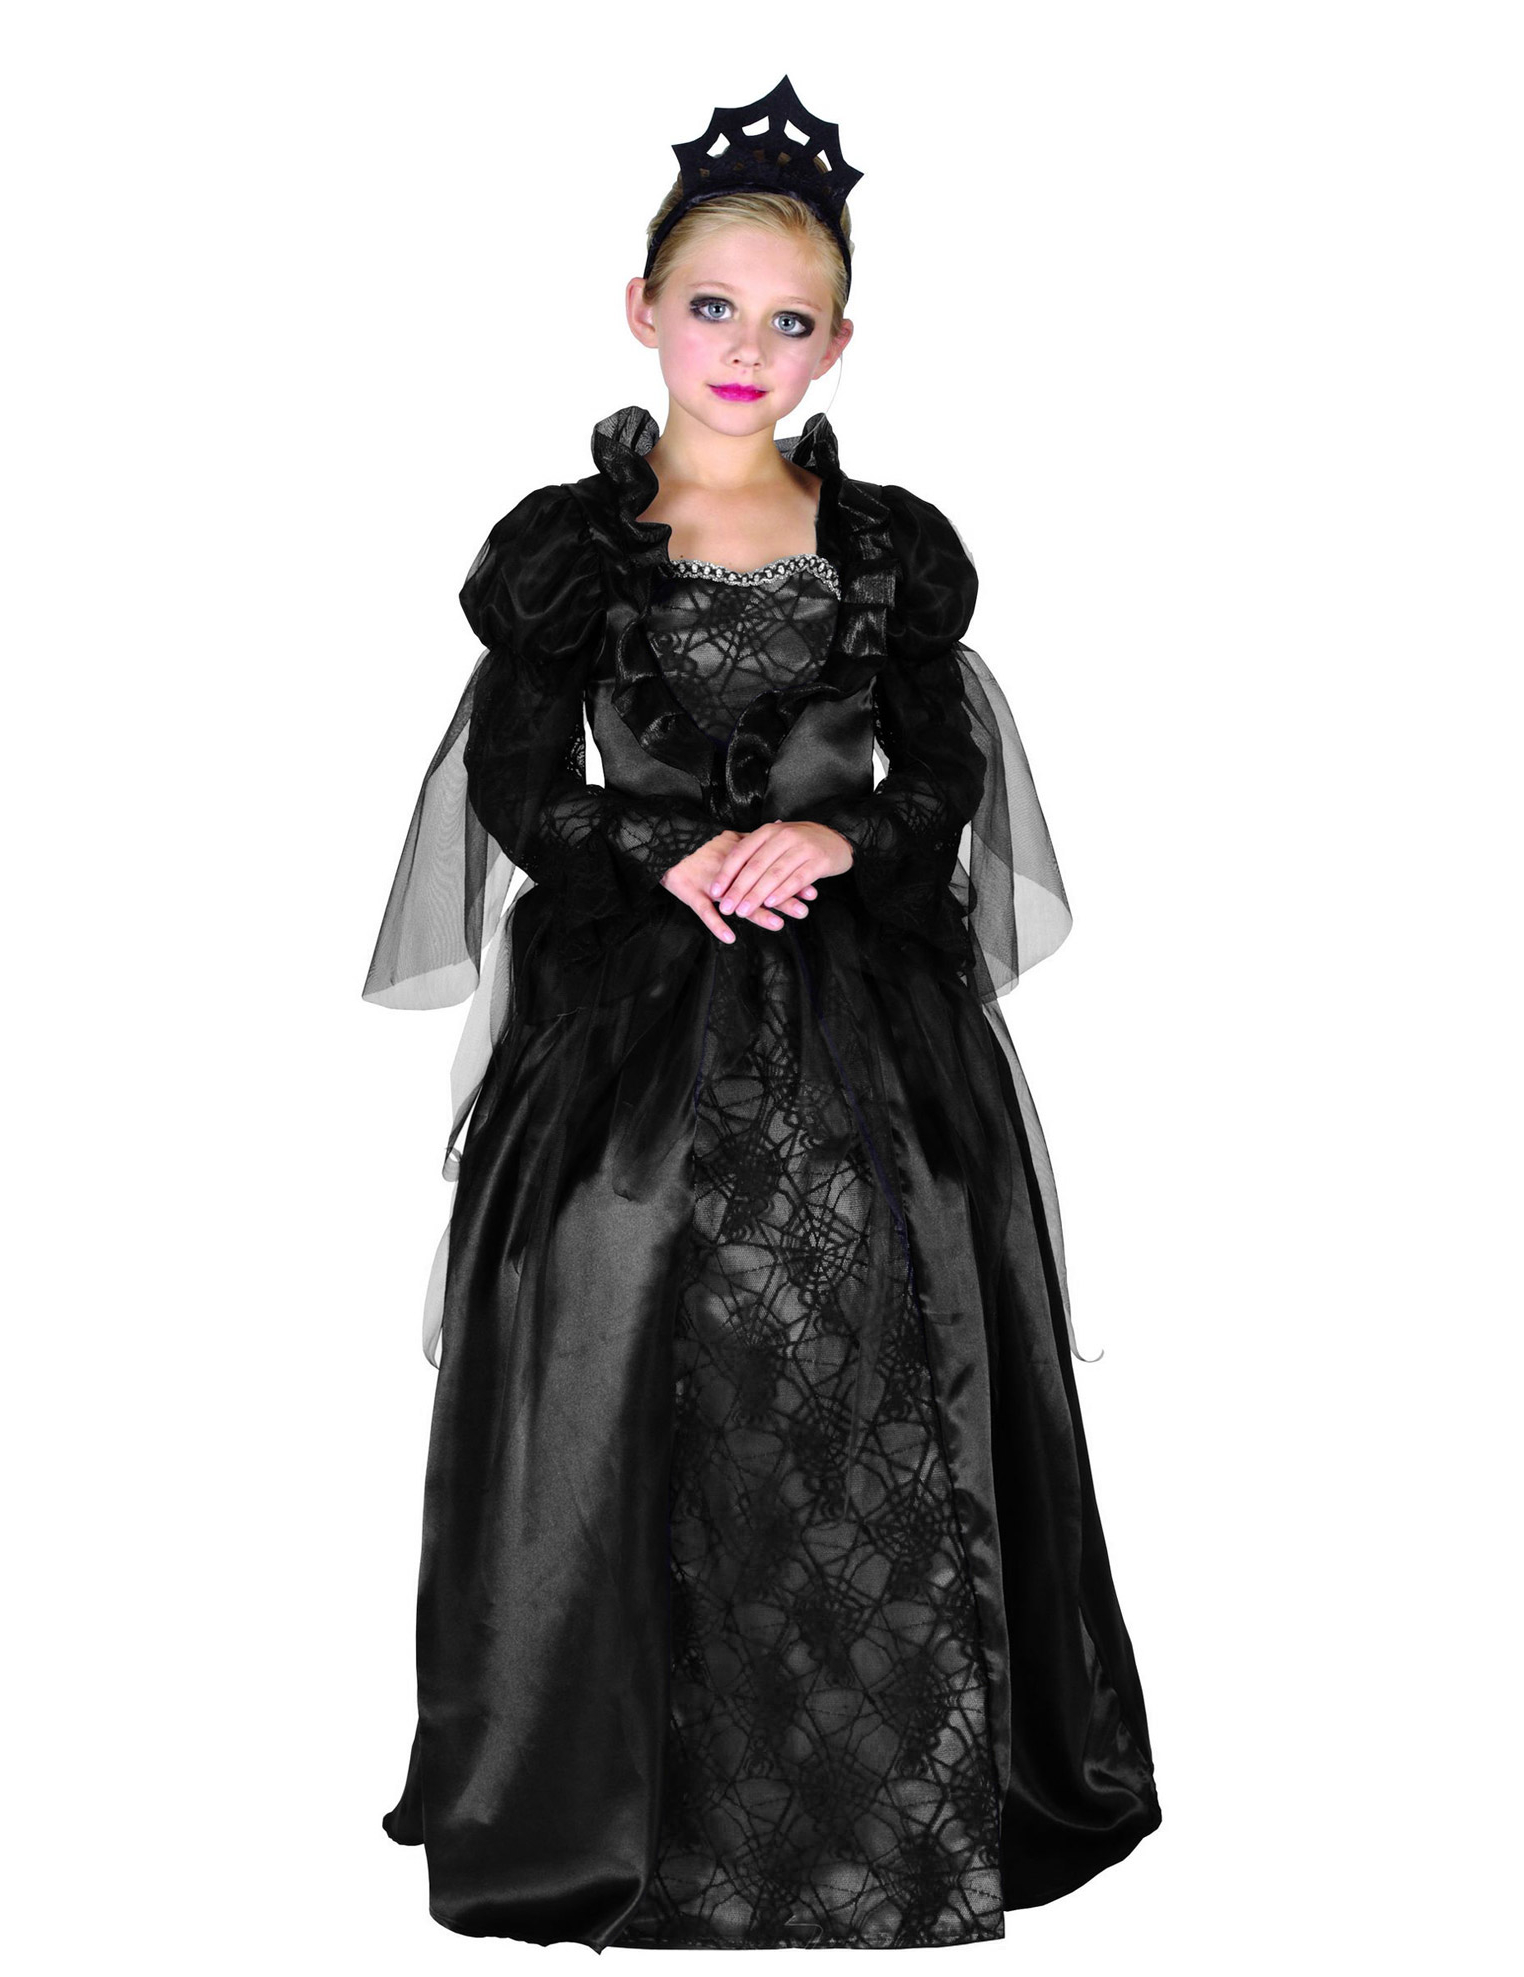 costume da contessa di halloween per bambina costumi bambini e vestiti di carnevale online vegaoo. Black Bedroom Furniture Sets. Home Design Ideas